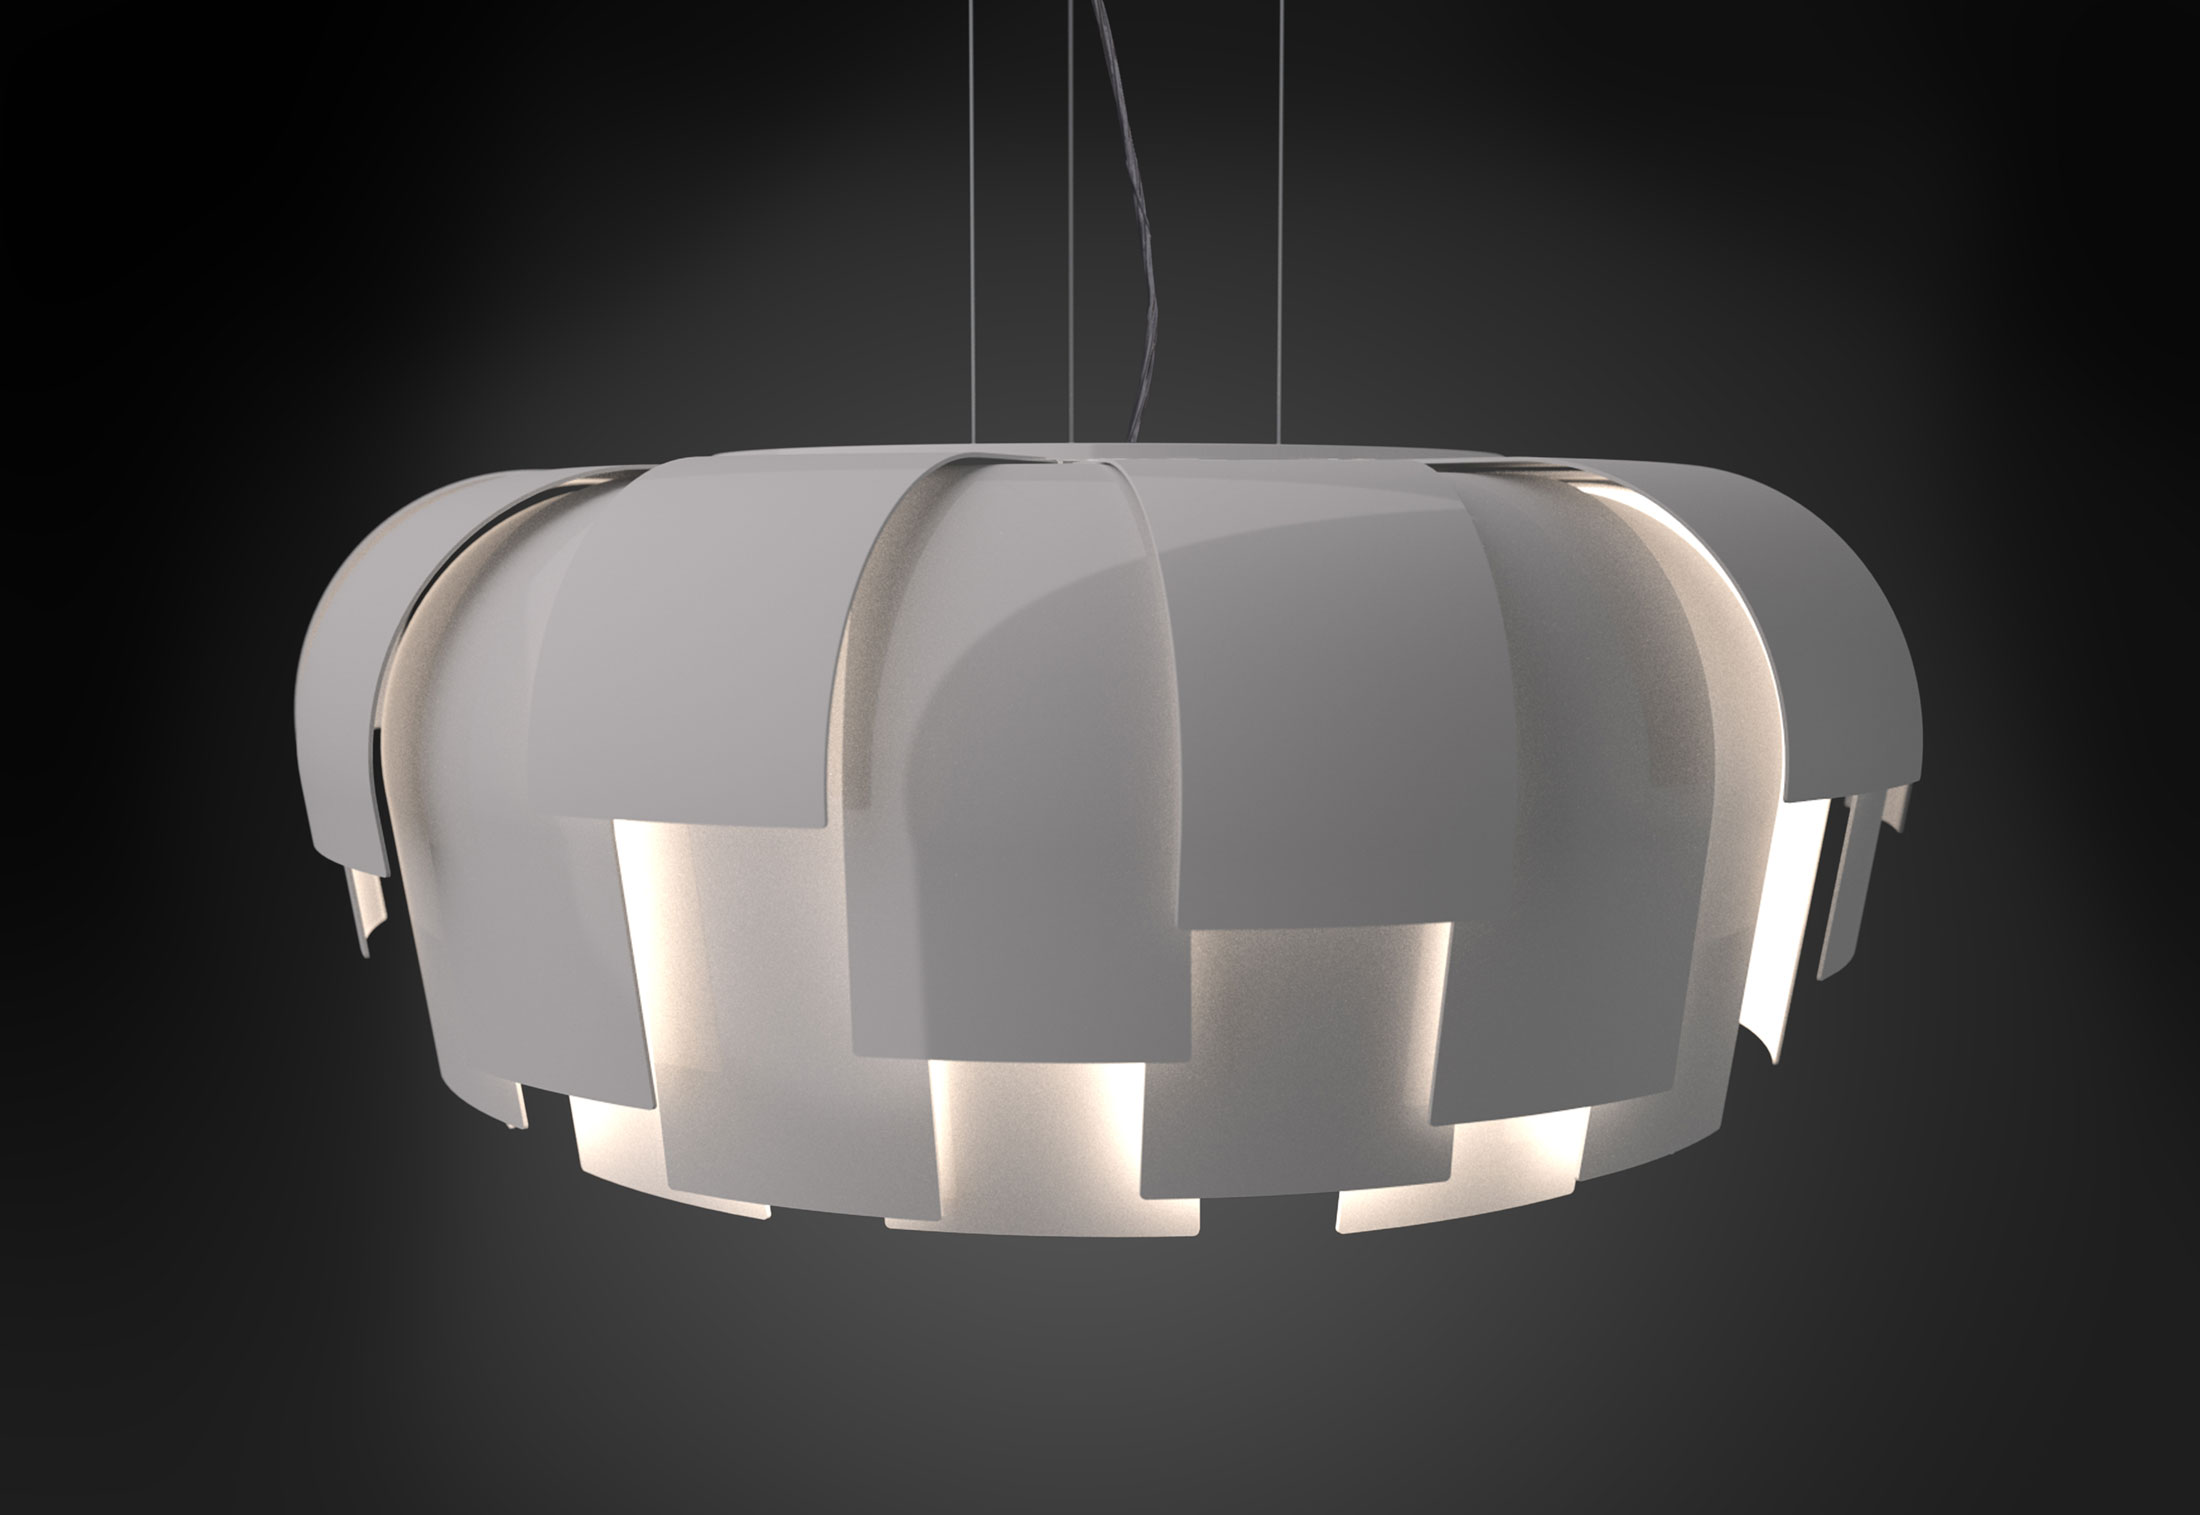 fontana arte lampadari : Wig di FontanaArte Lampadari - Illuminazione Mollura Home Design